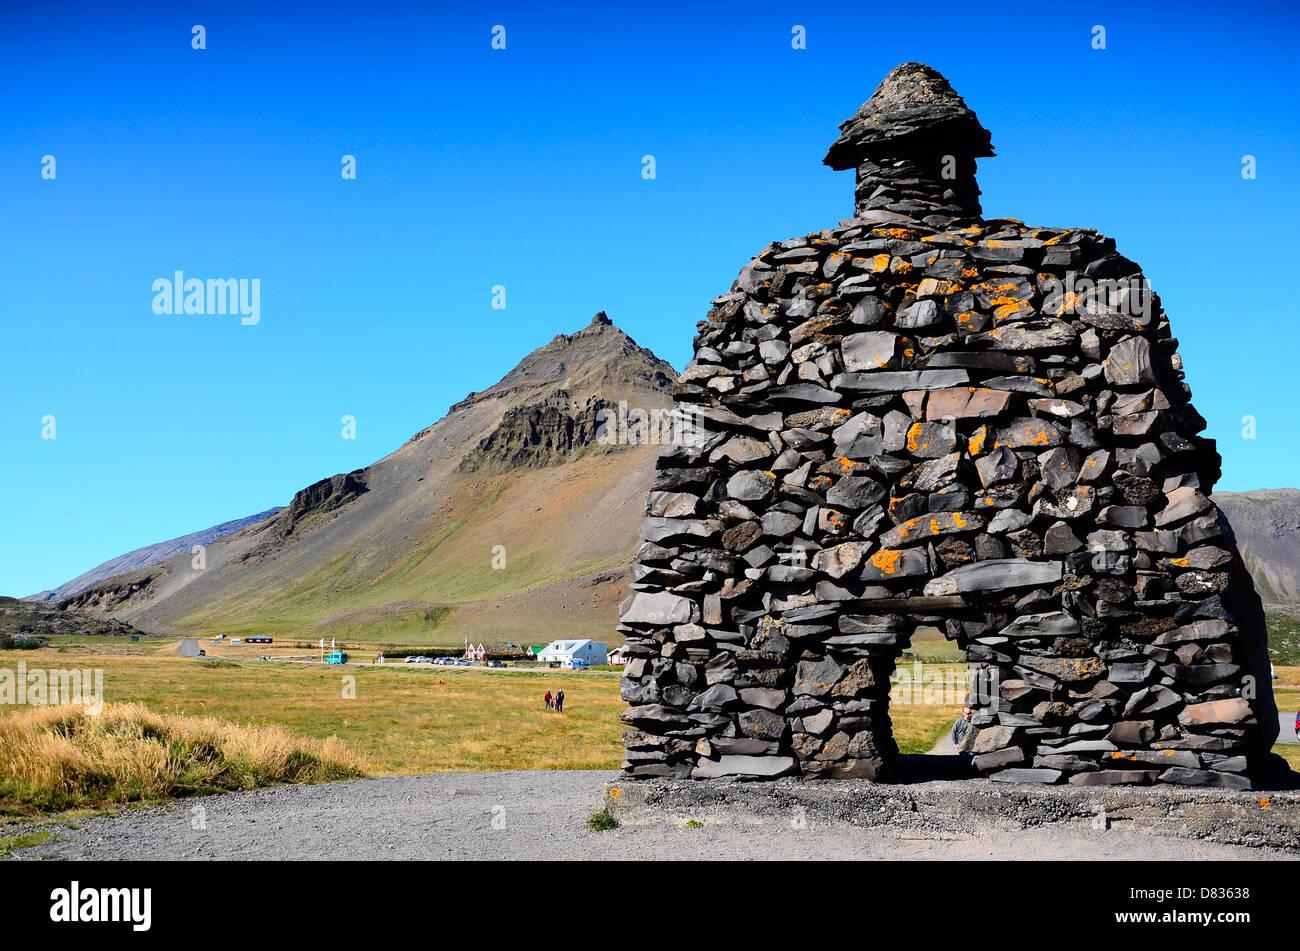 Bárðar Saga Snæfellsáss Statue at Arnarstapi, Iceland - Stock Image